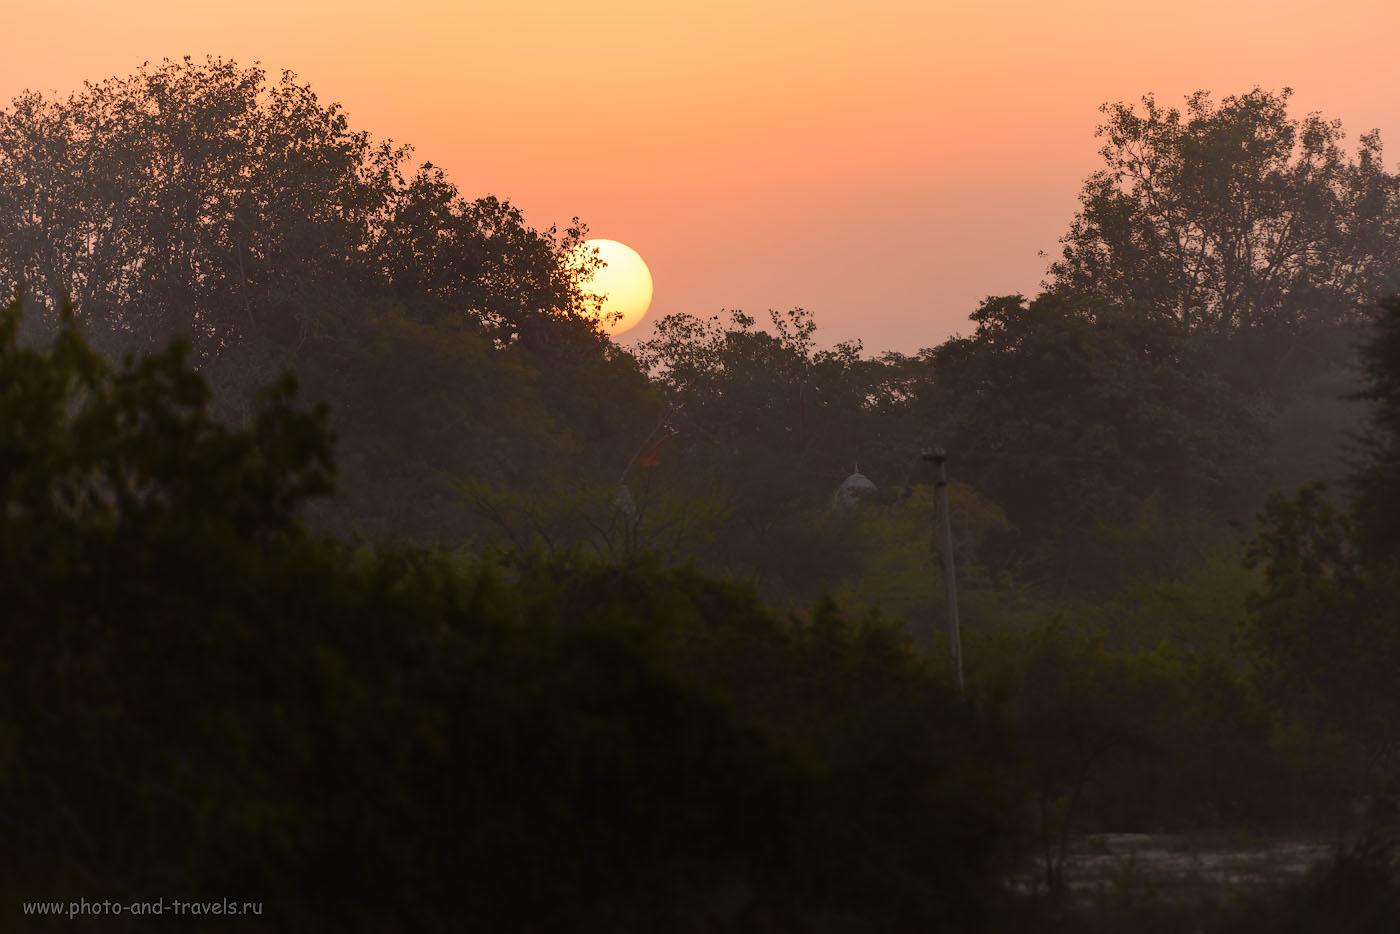 Фотография 2. На фоне этого солнца должно стоять дерево с аистами, а не фонарный столб и какая-то лачуга. 1/250, -0.67, 4.0, 125, 280.